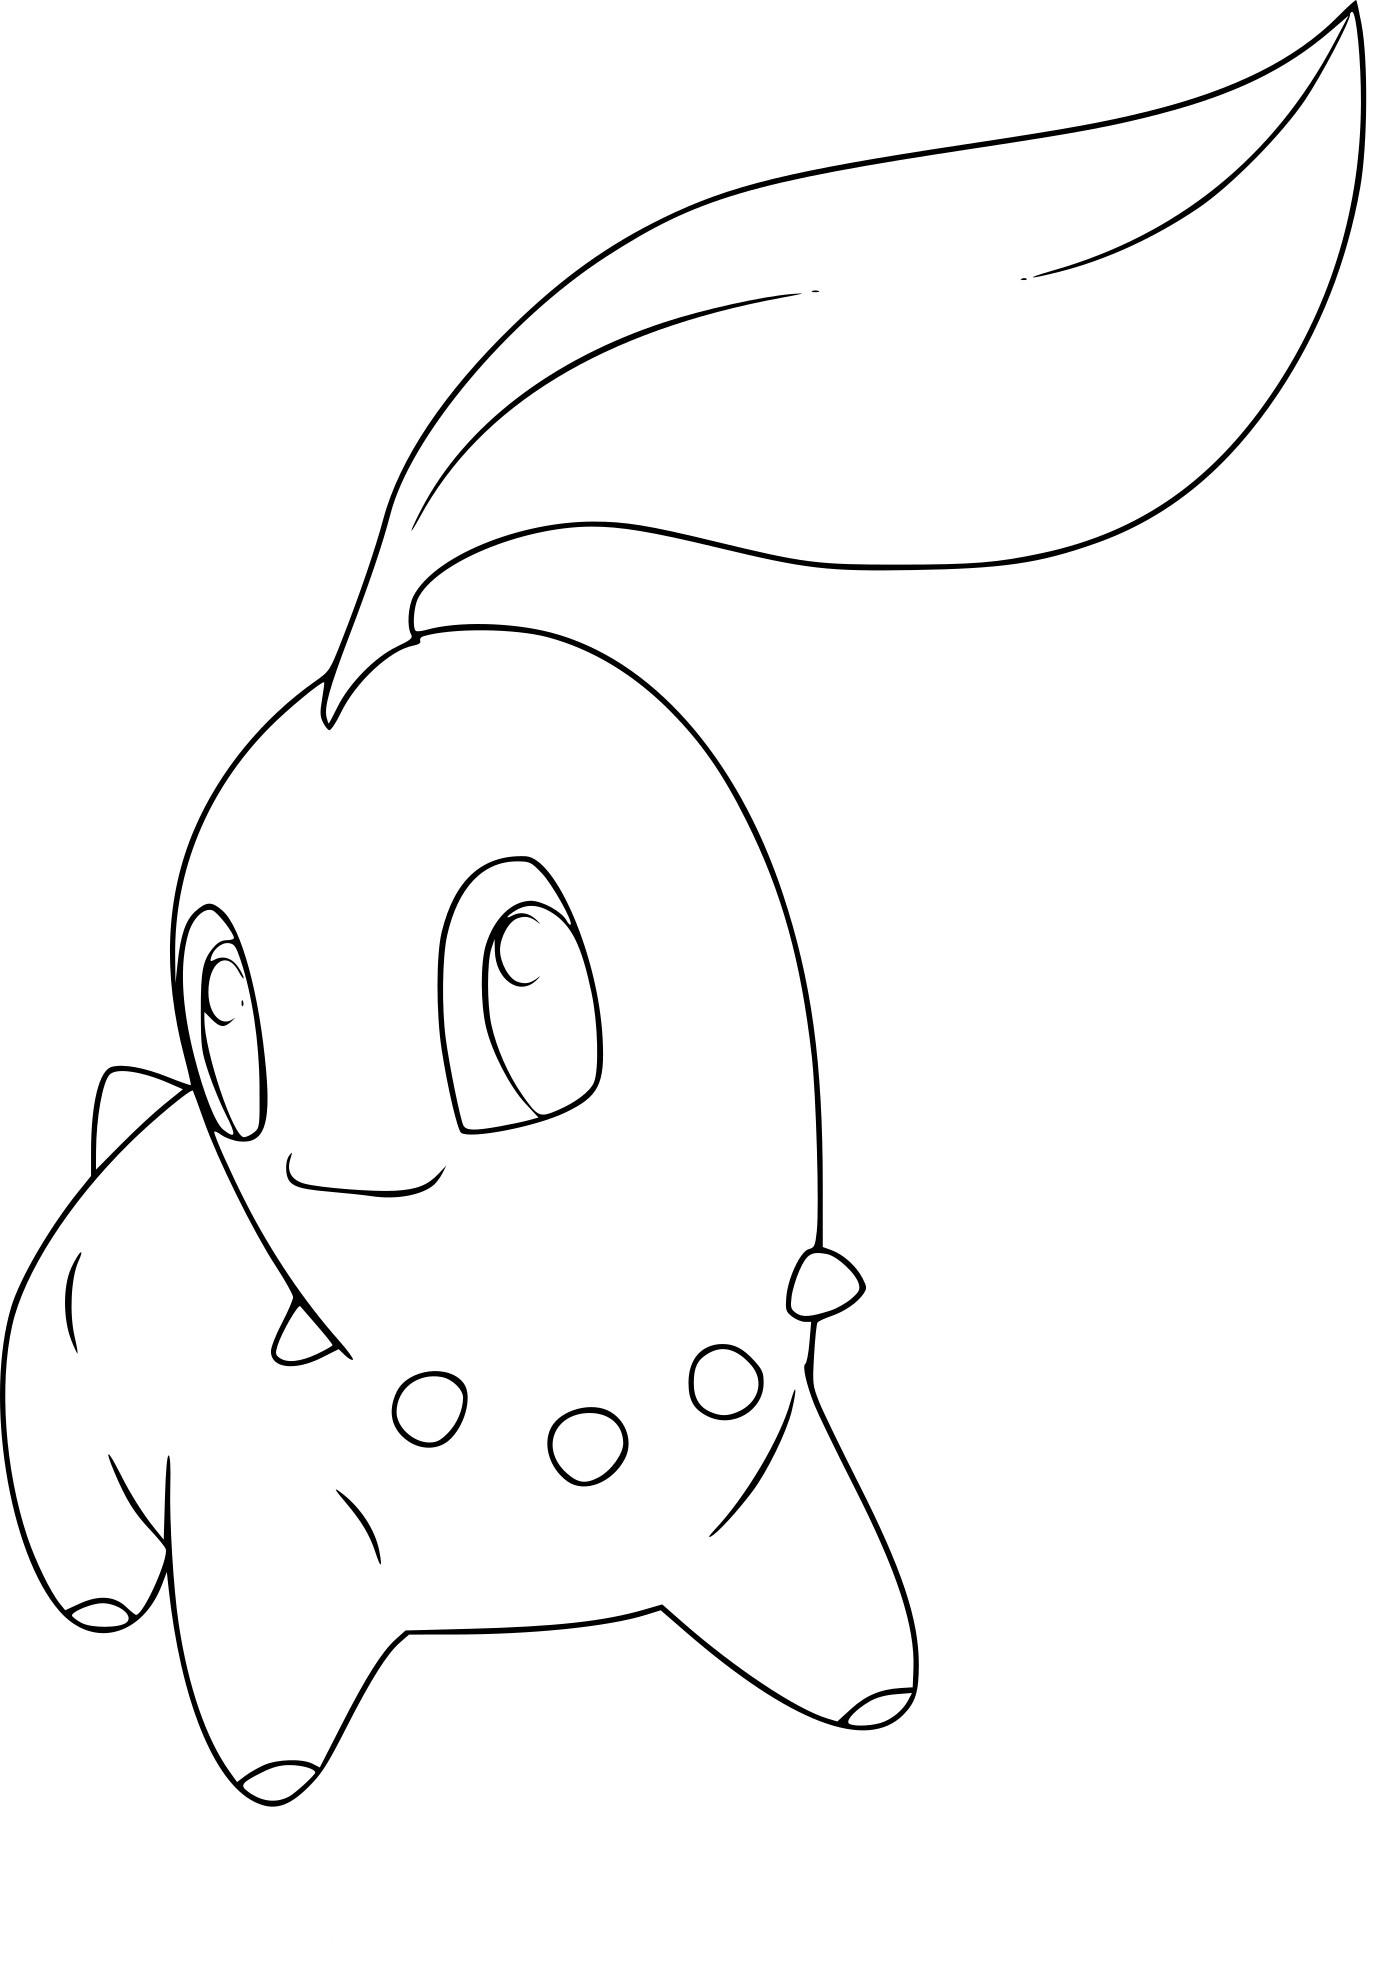 Coloriage Germignon Chikorita Pokemon À Imprimer avec Desin A Colorier